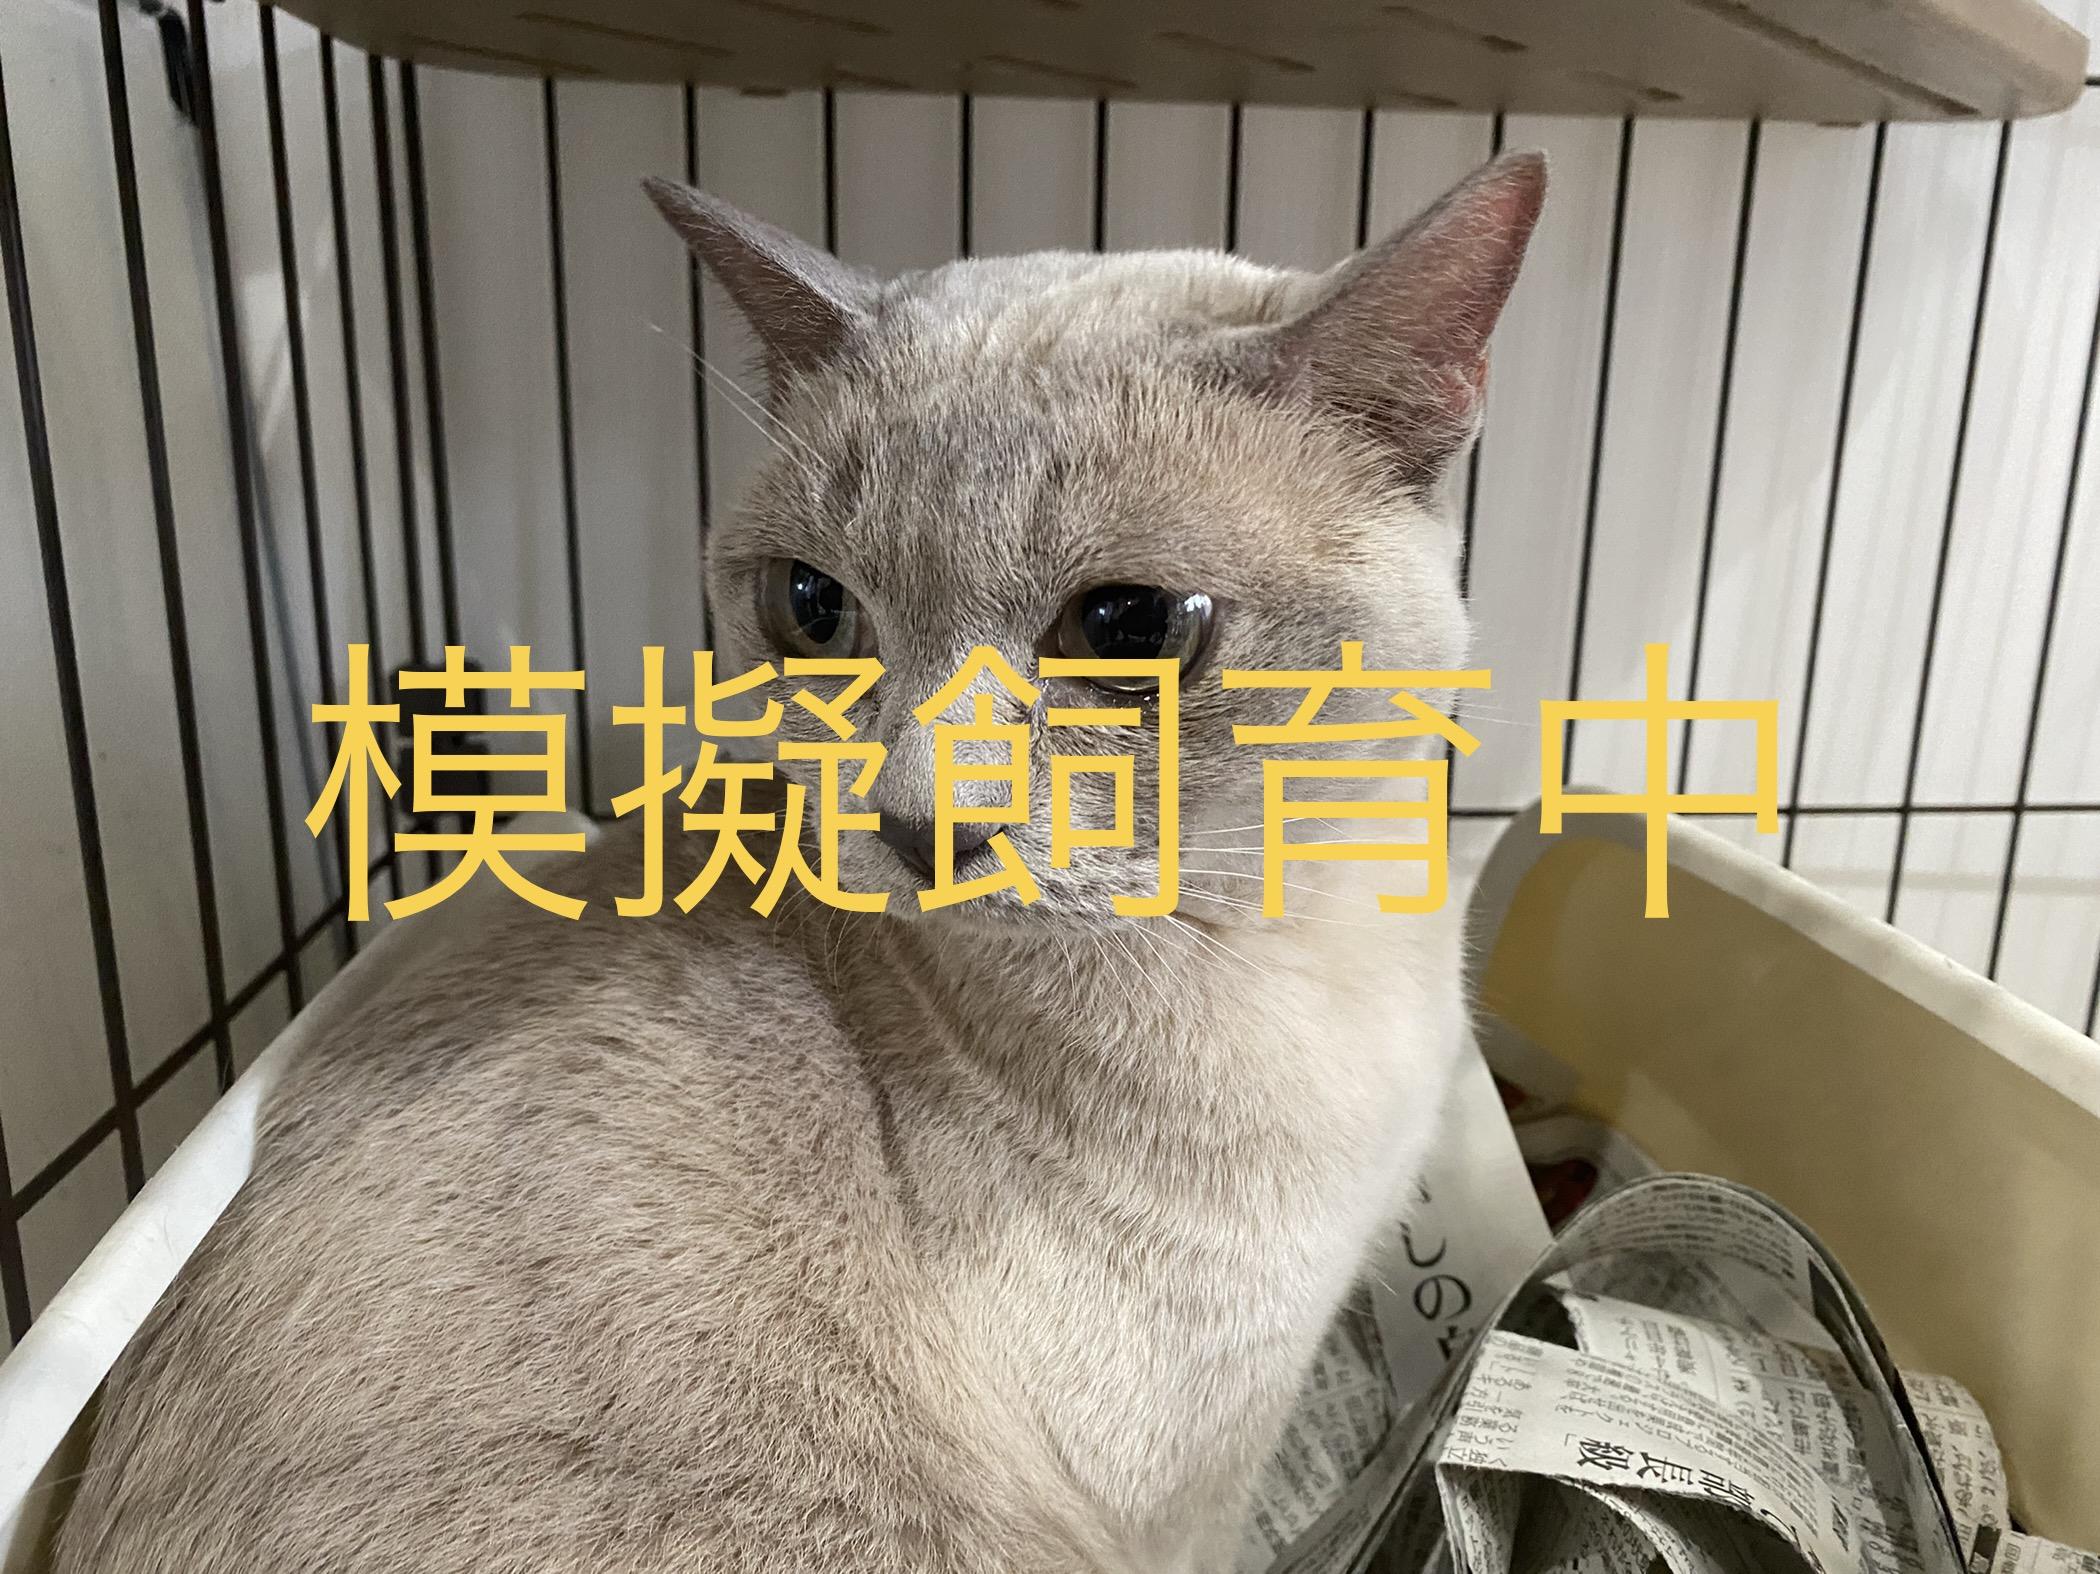 <ul> <li>猫種:トンキニーズ</li> <li>性別:女の子</li> <li>名前:ピピ</li> <li>年齢:2012年9月14日頃生まれ</li> <li>保護経緯:家族のアレルギーのため飼育困難</li> </ul>